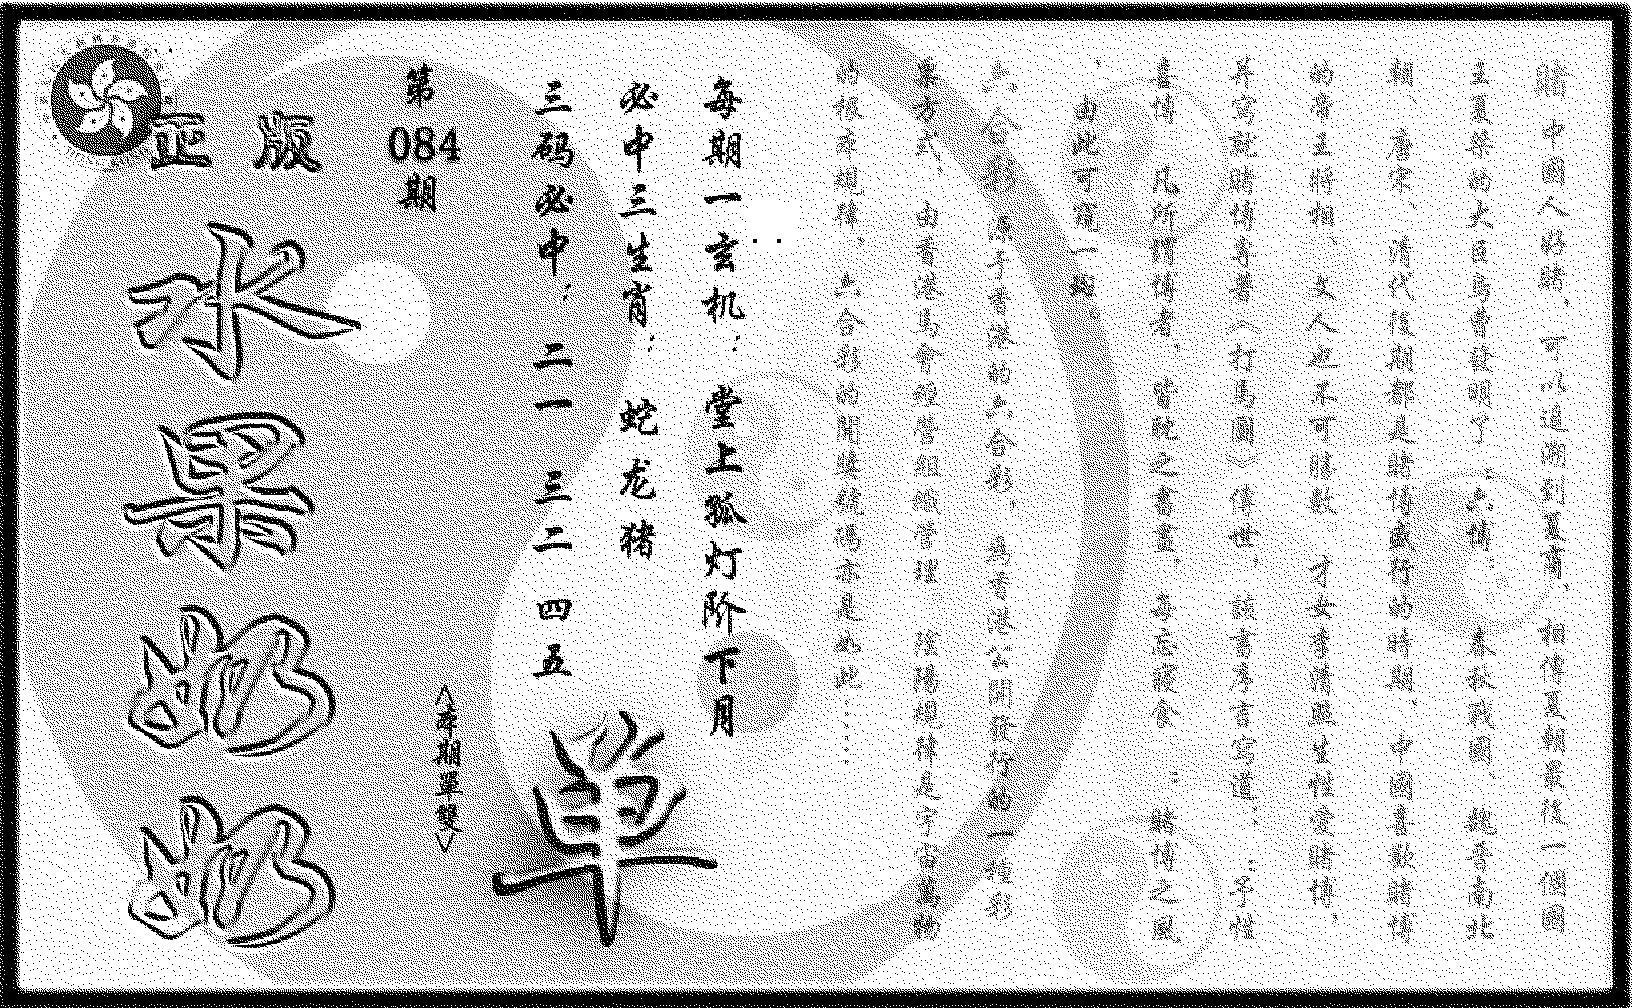 084期(九龙单双攻略)正版(黑白)